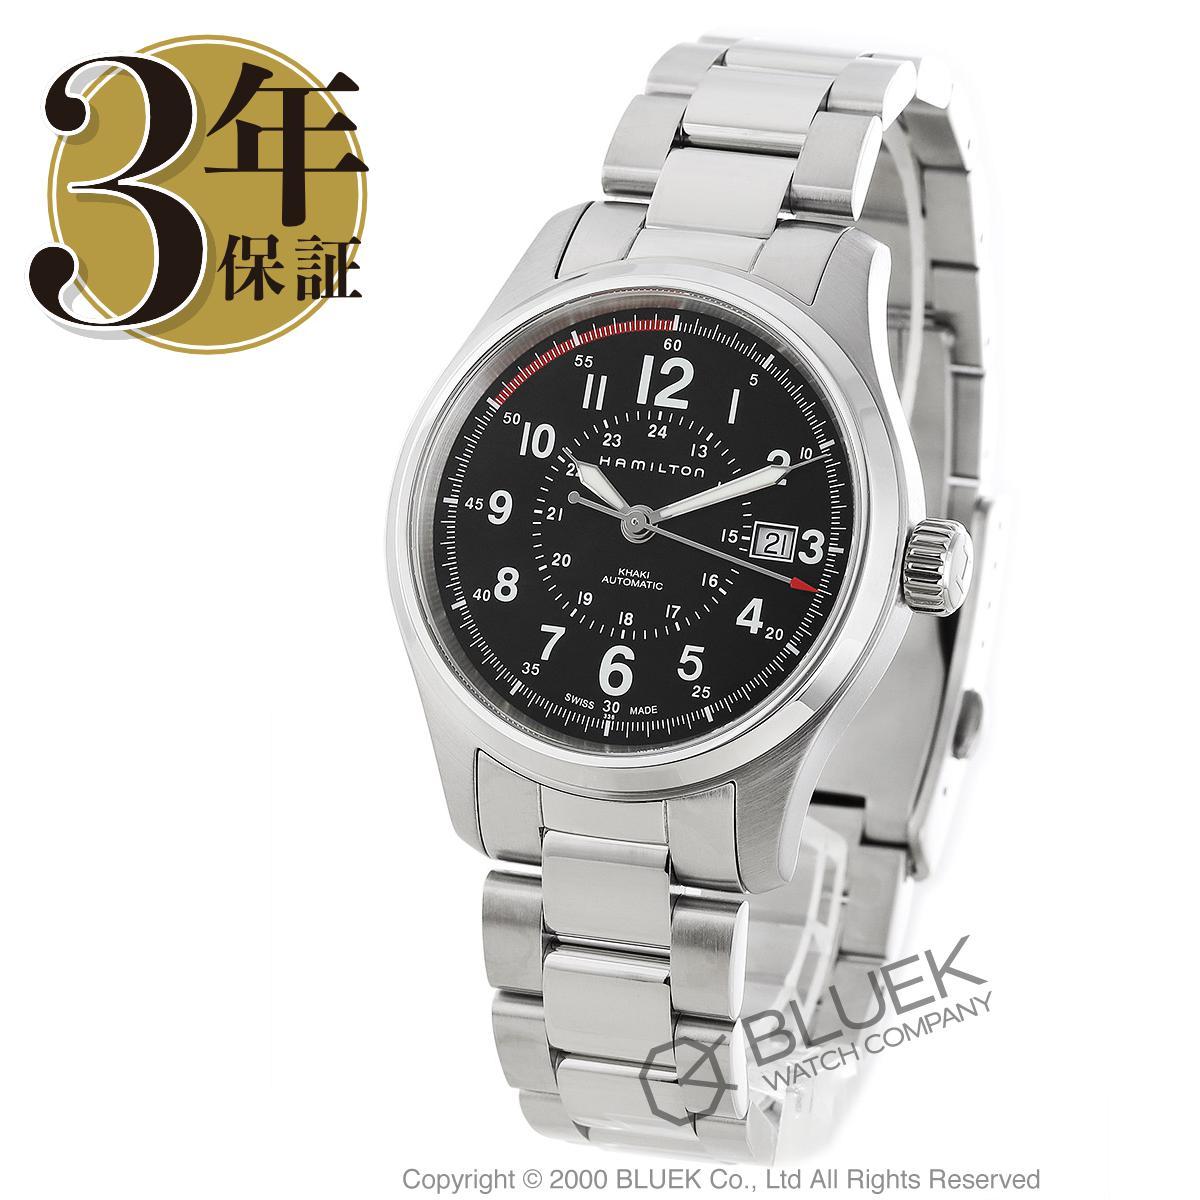 ハミルトン カーキ フィールド 腕時計 メンズ HAMILTON H70595133_8 バーゲン 成人祝い ギフト プレゼント